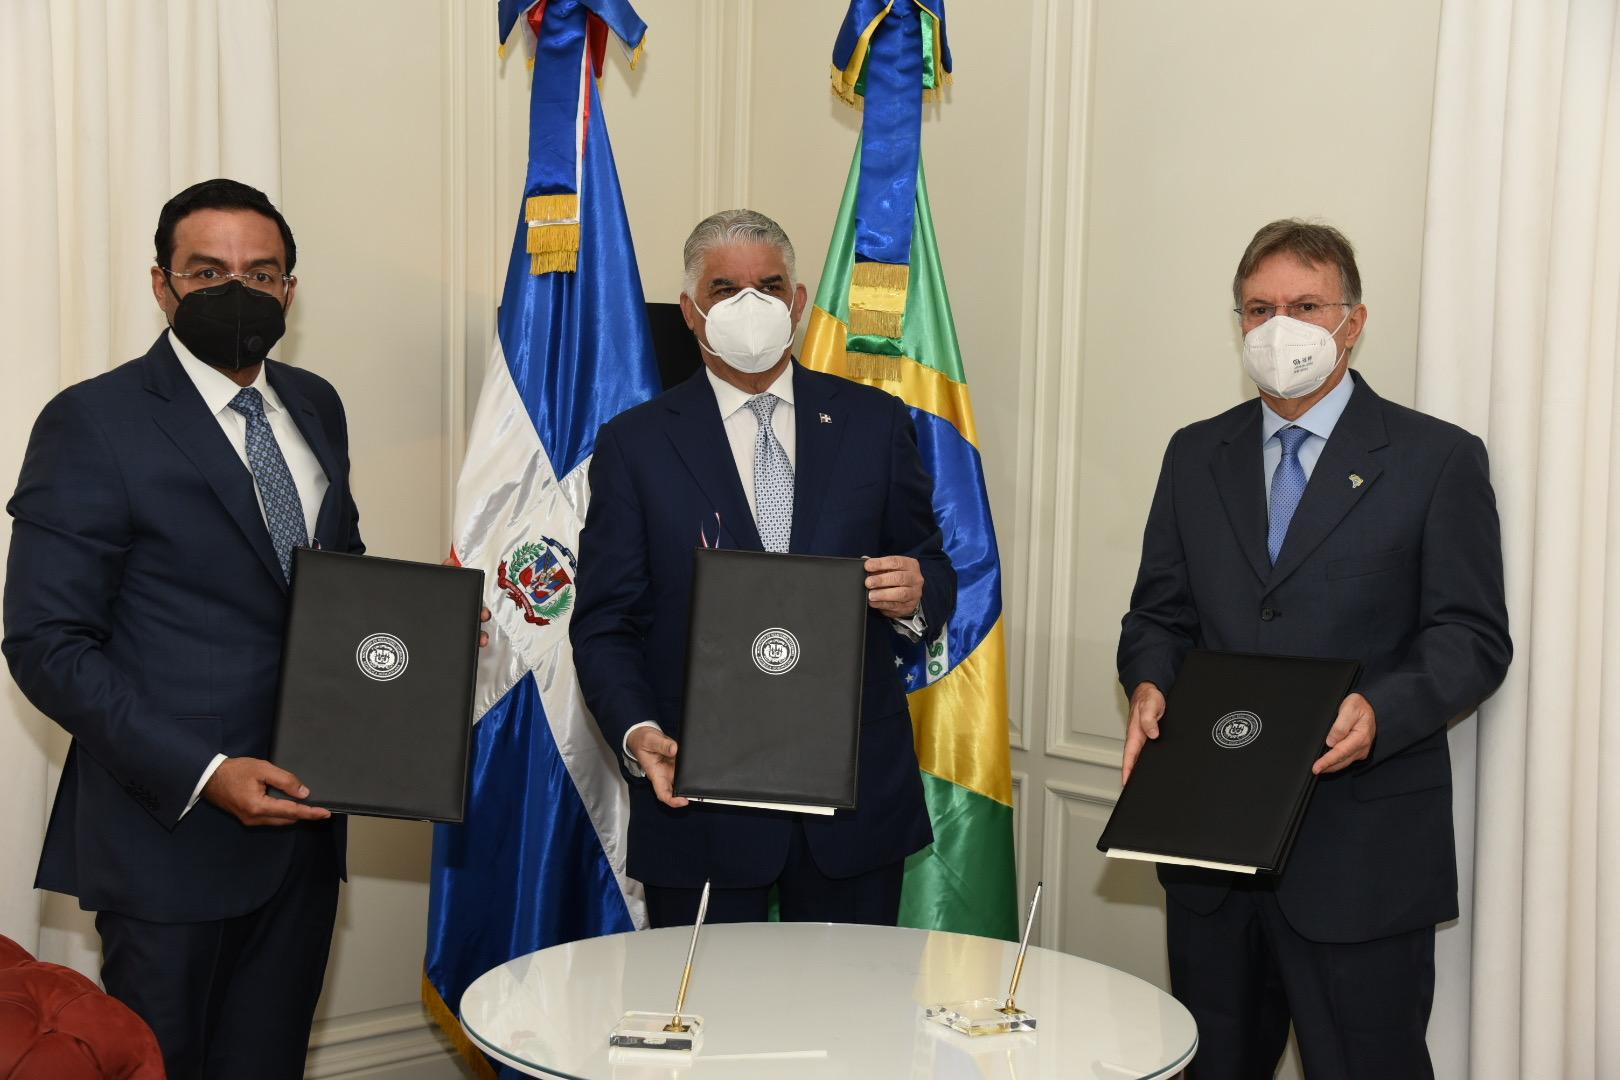 Cancillería suscribe protocolo para impulsar comercioe inversión con Brasil